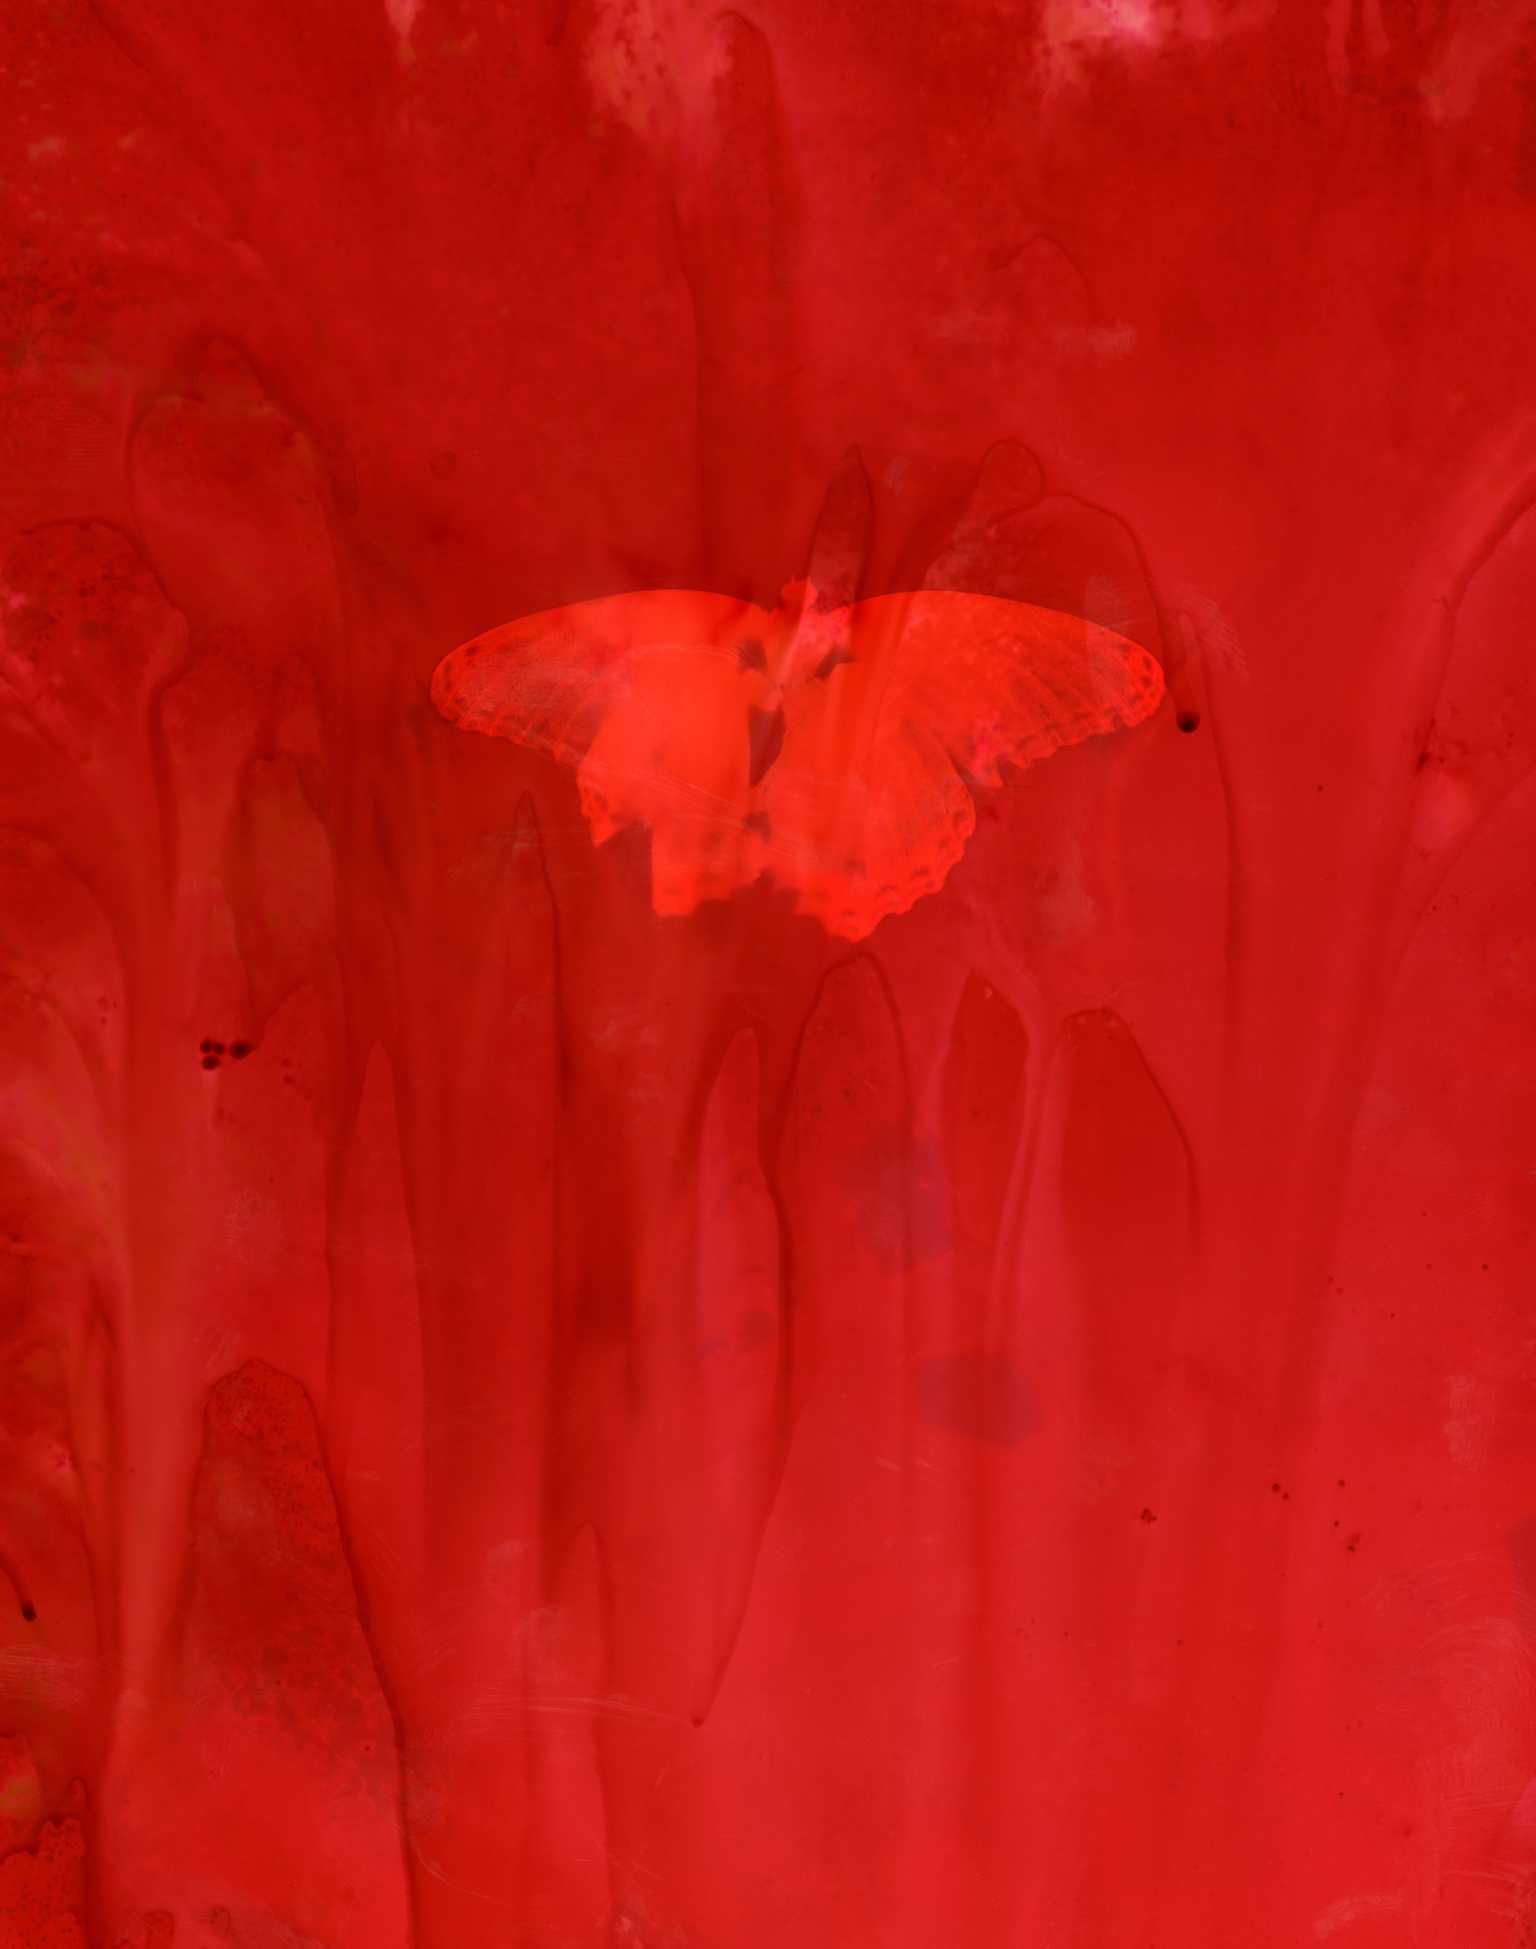 Lumen - Red Butterfly